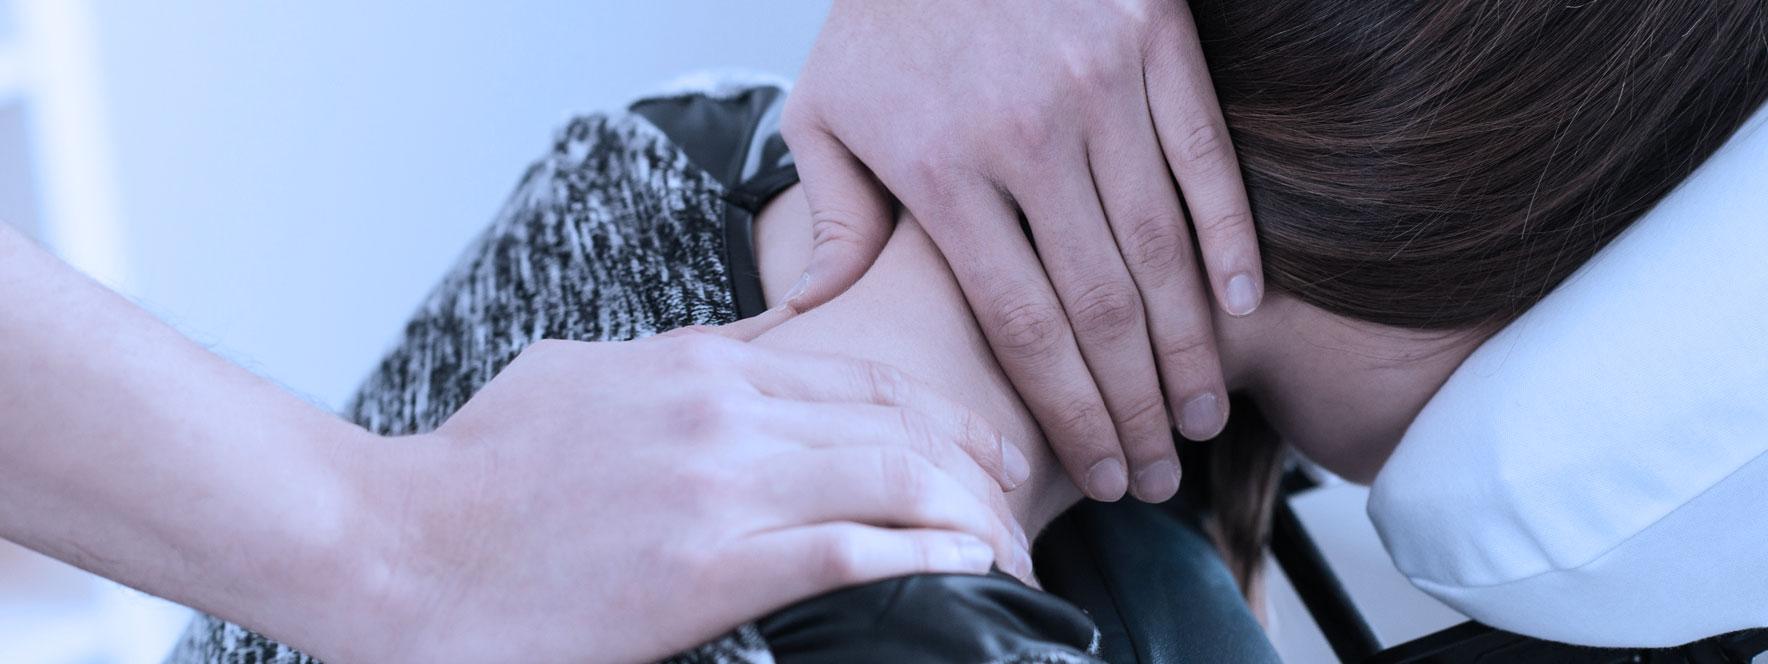 Se faire masser pour vaincre la léthargie musculaire - Blogue du Réseau